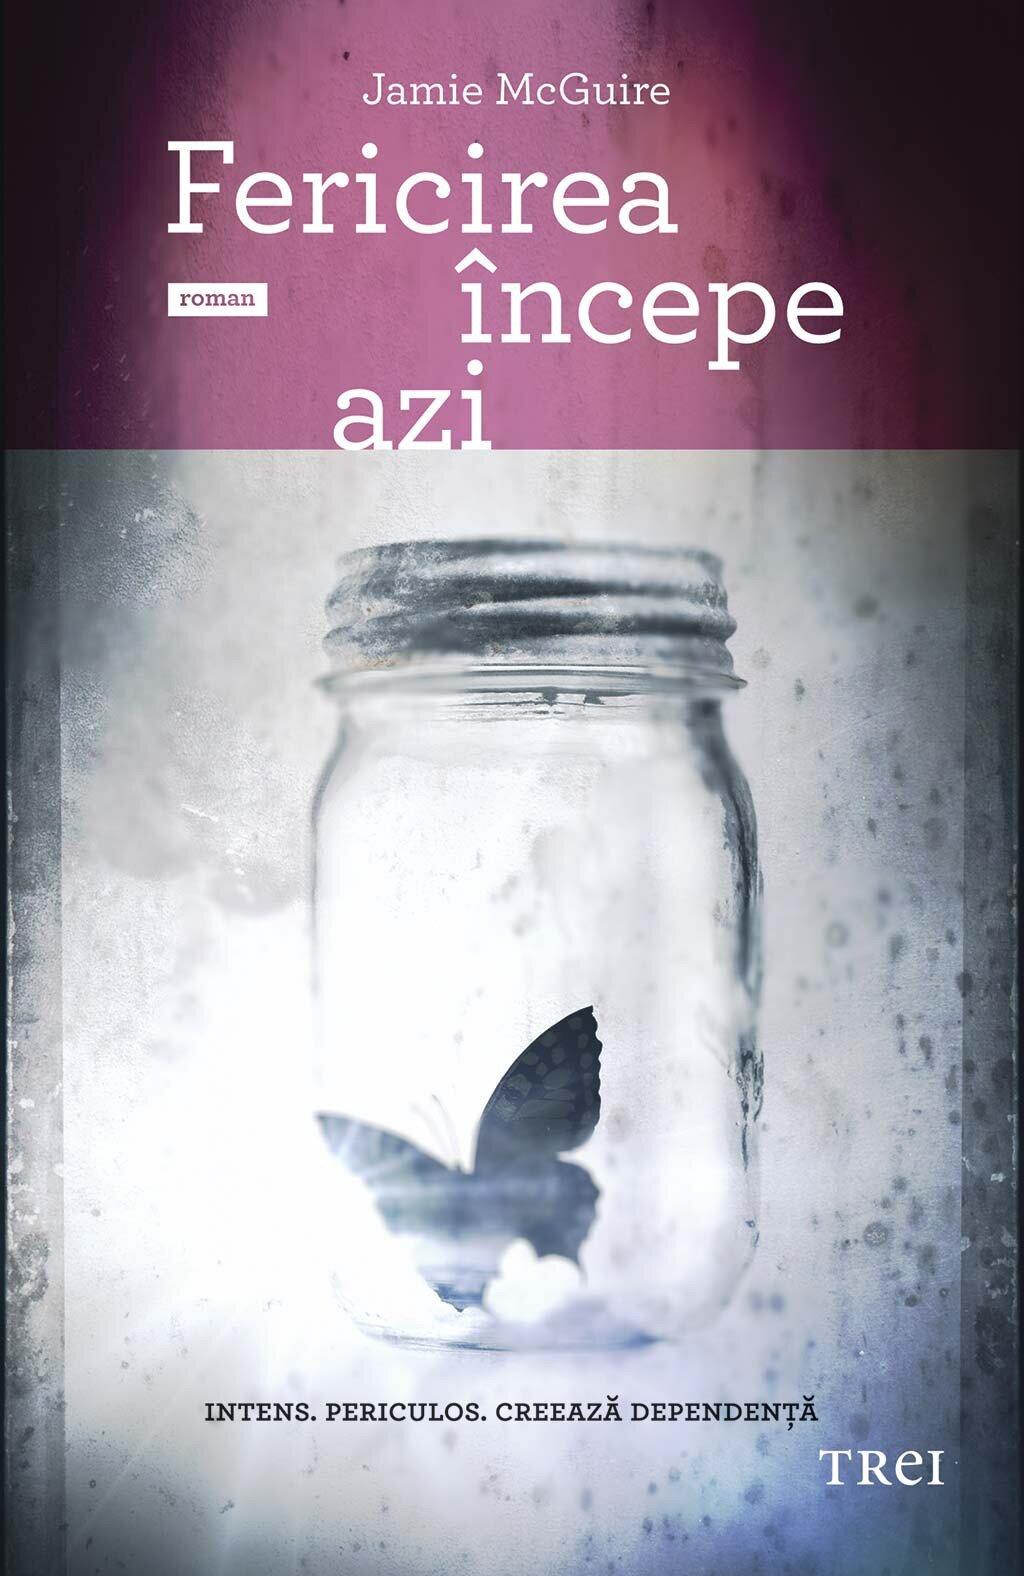 Fericirea incepe azi (eBook)